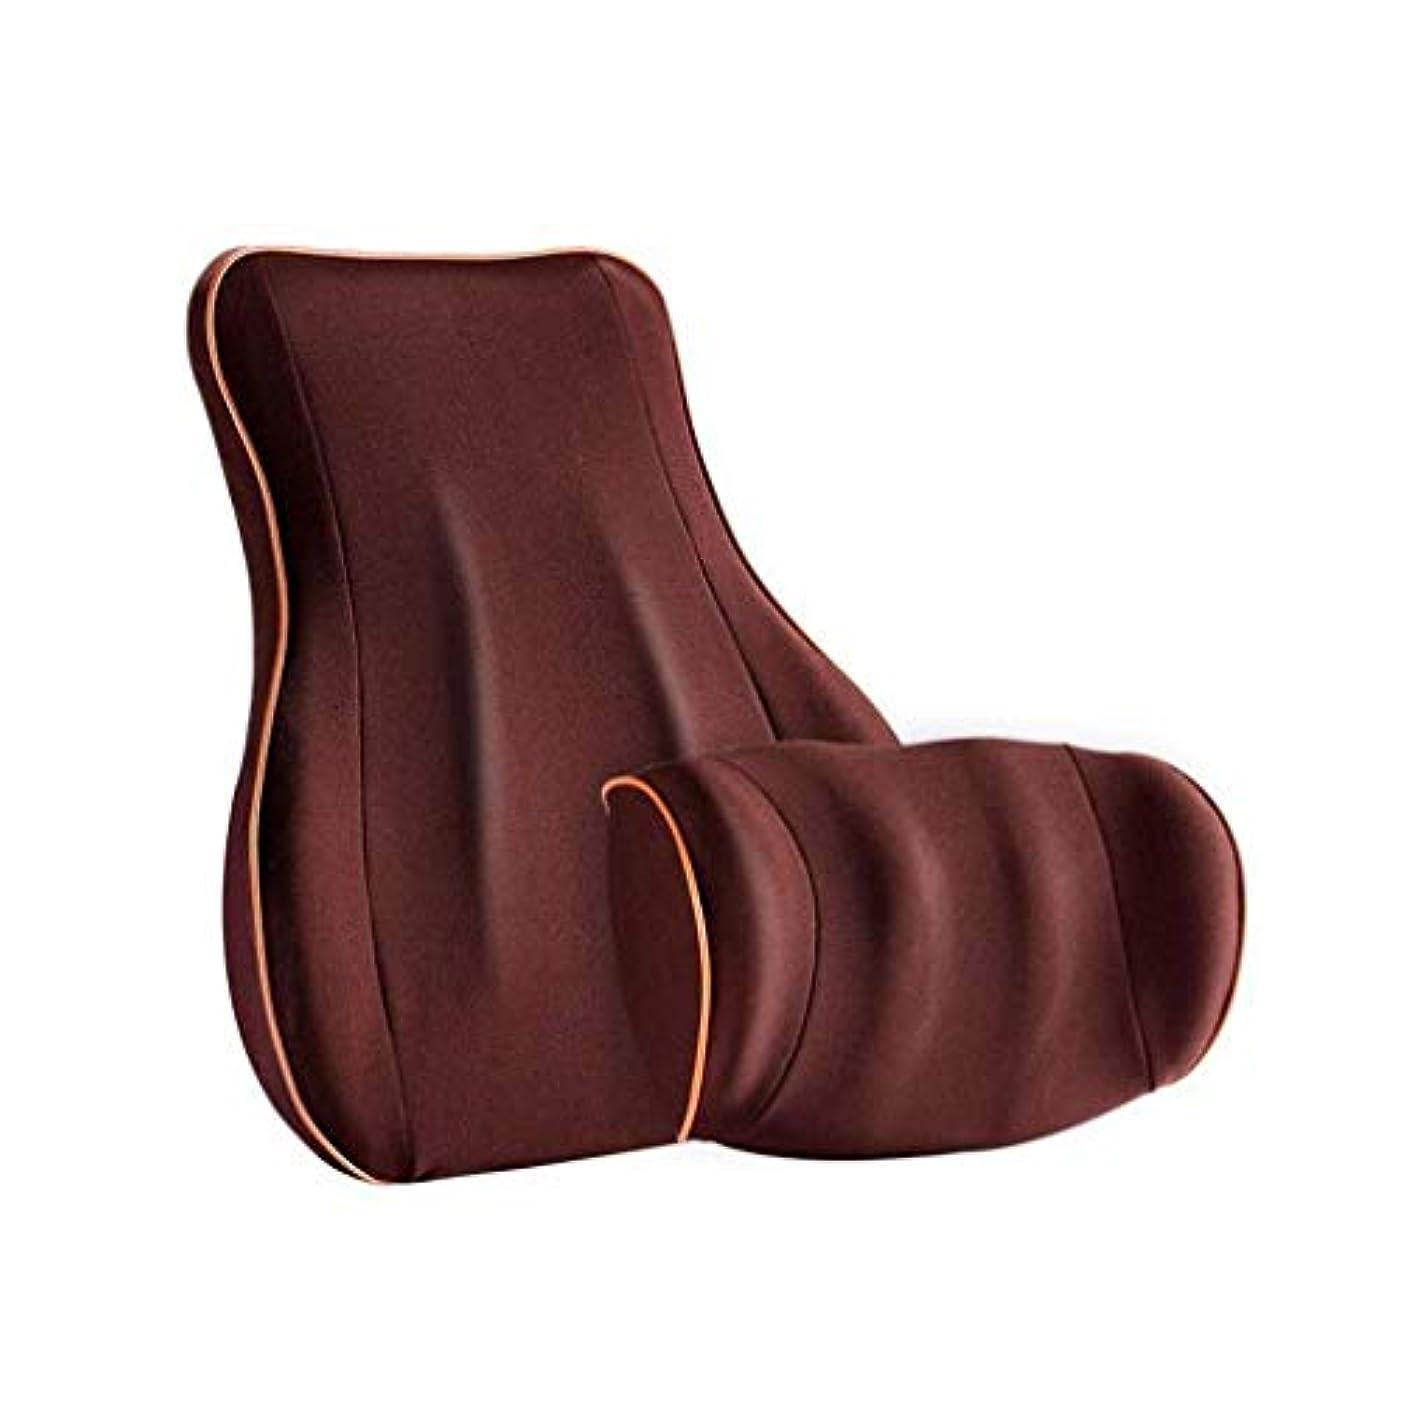 アーサー立方体会社腰椎枕と首の枕、腰椎サポート枕低反発コットン、人間工学に基づいた低反発フォームのデザイン、腰と首の疲れや痛みを軽減?防止する、長距離運転オフィスに最適 (Color : Brown)